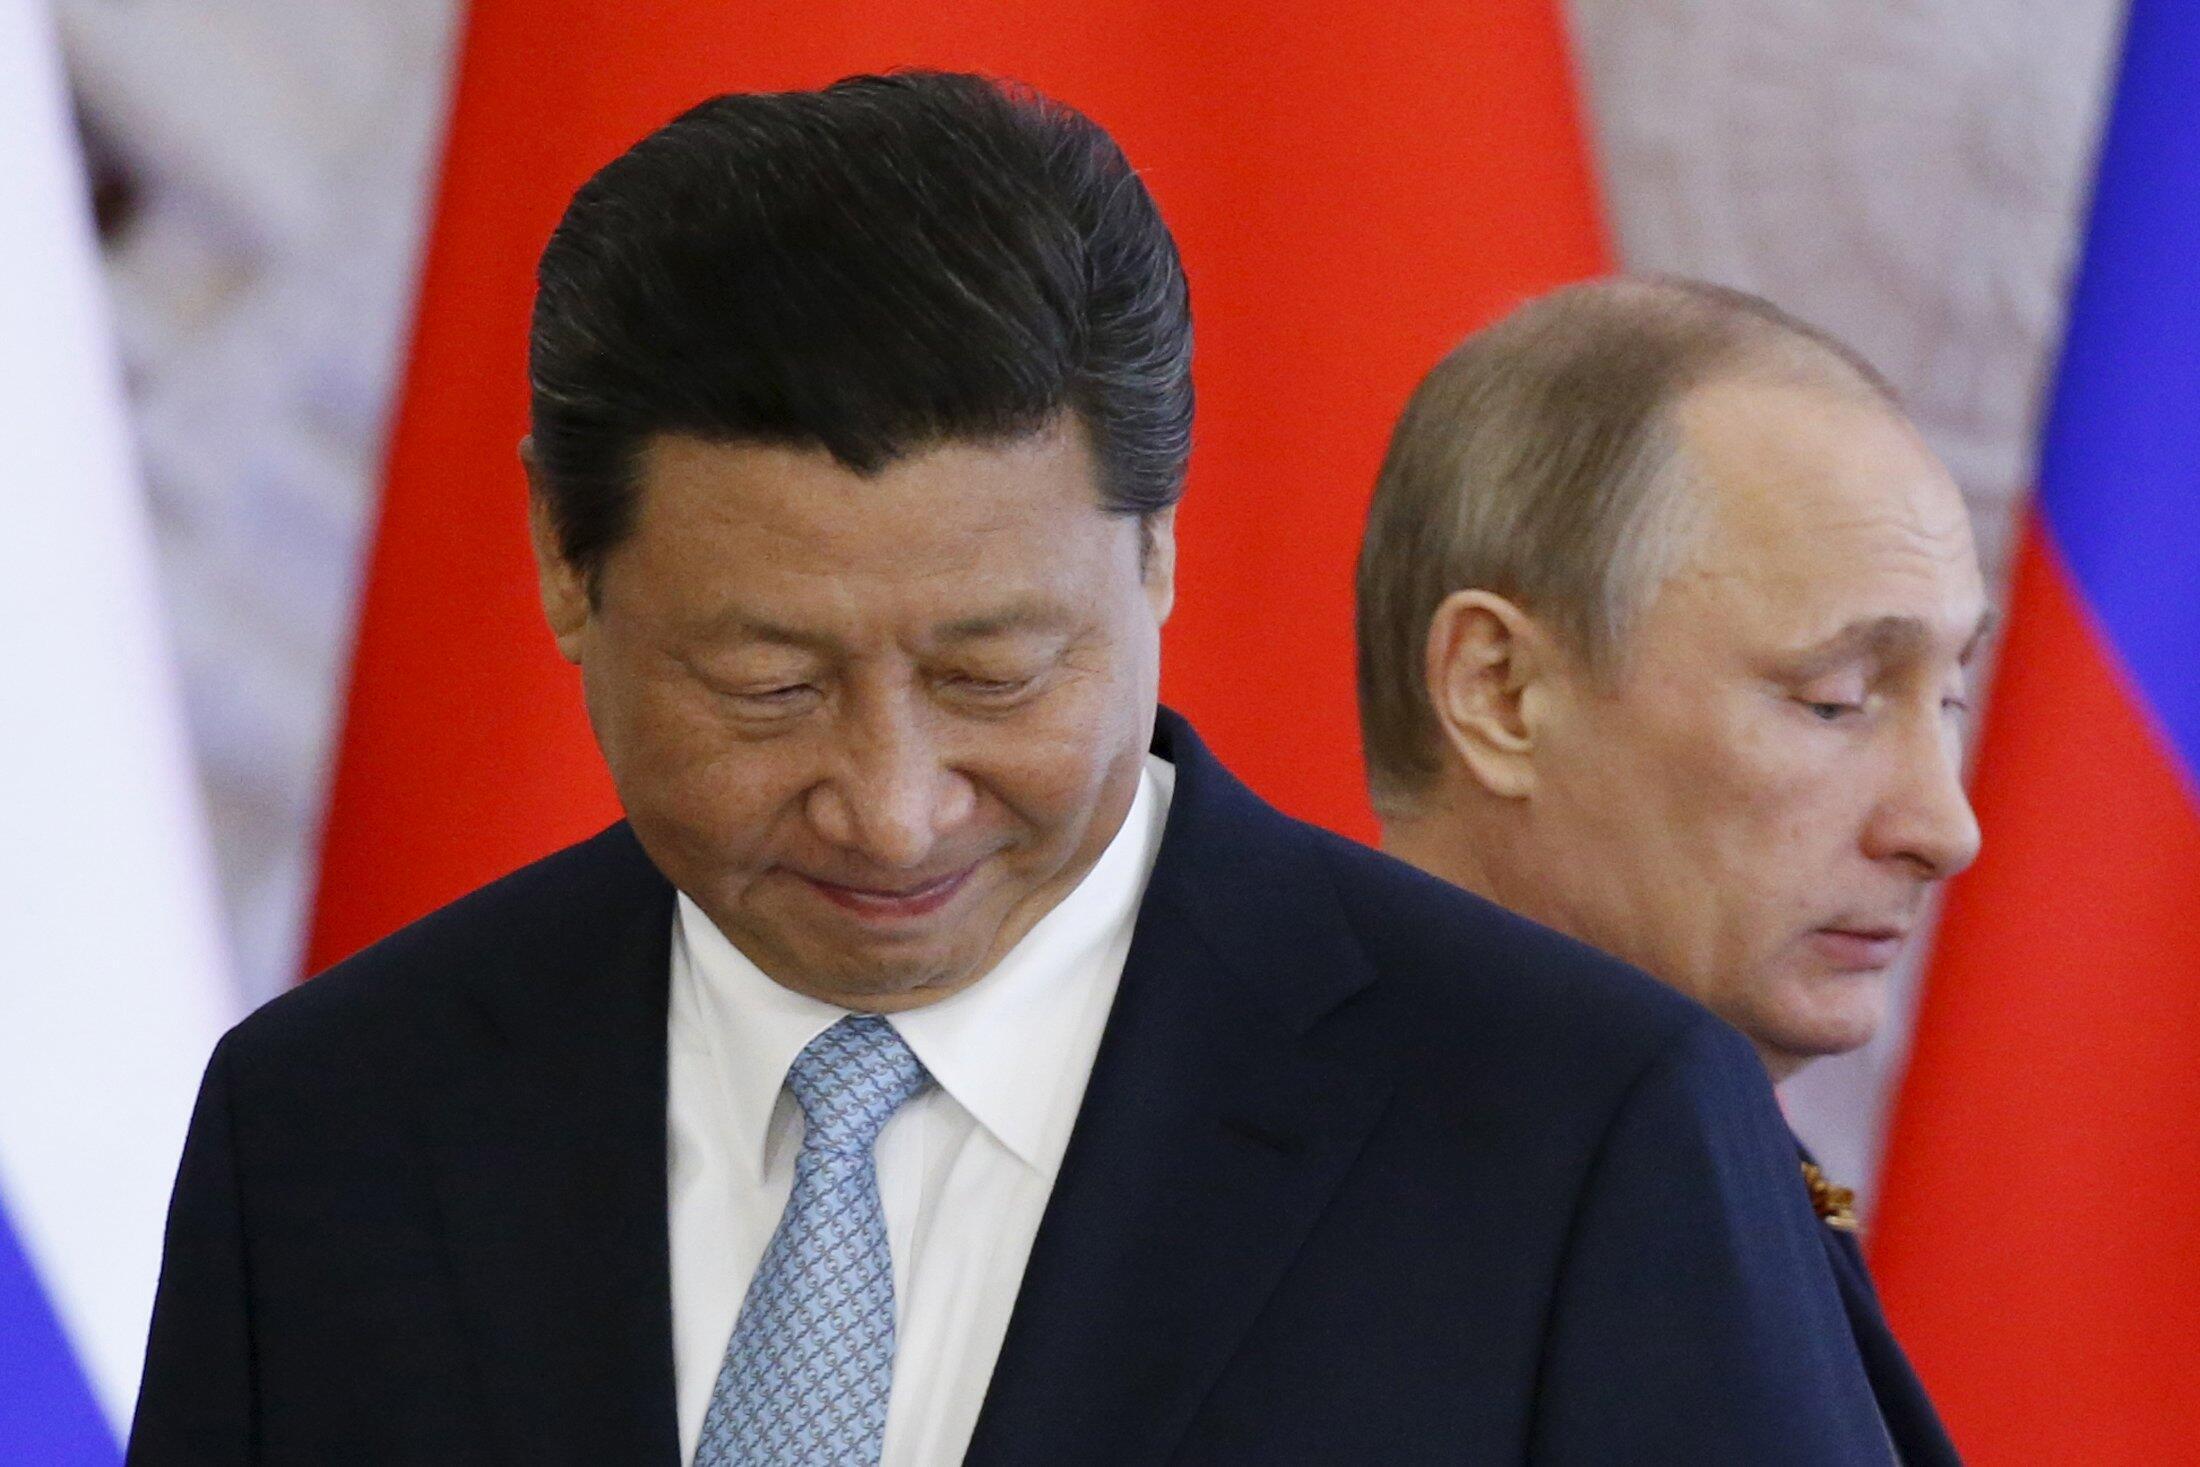 Hai ông Tập Cận Bình và Putin trong lần gặp tại Nga 08/05/2015 - REUTERS /Sergei Karpukhin